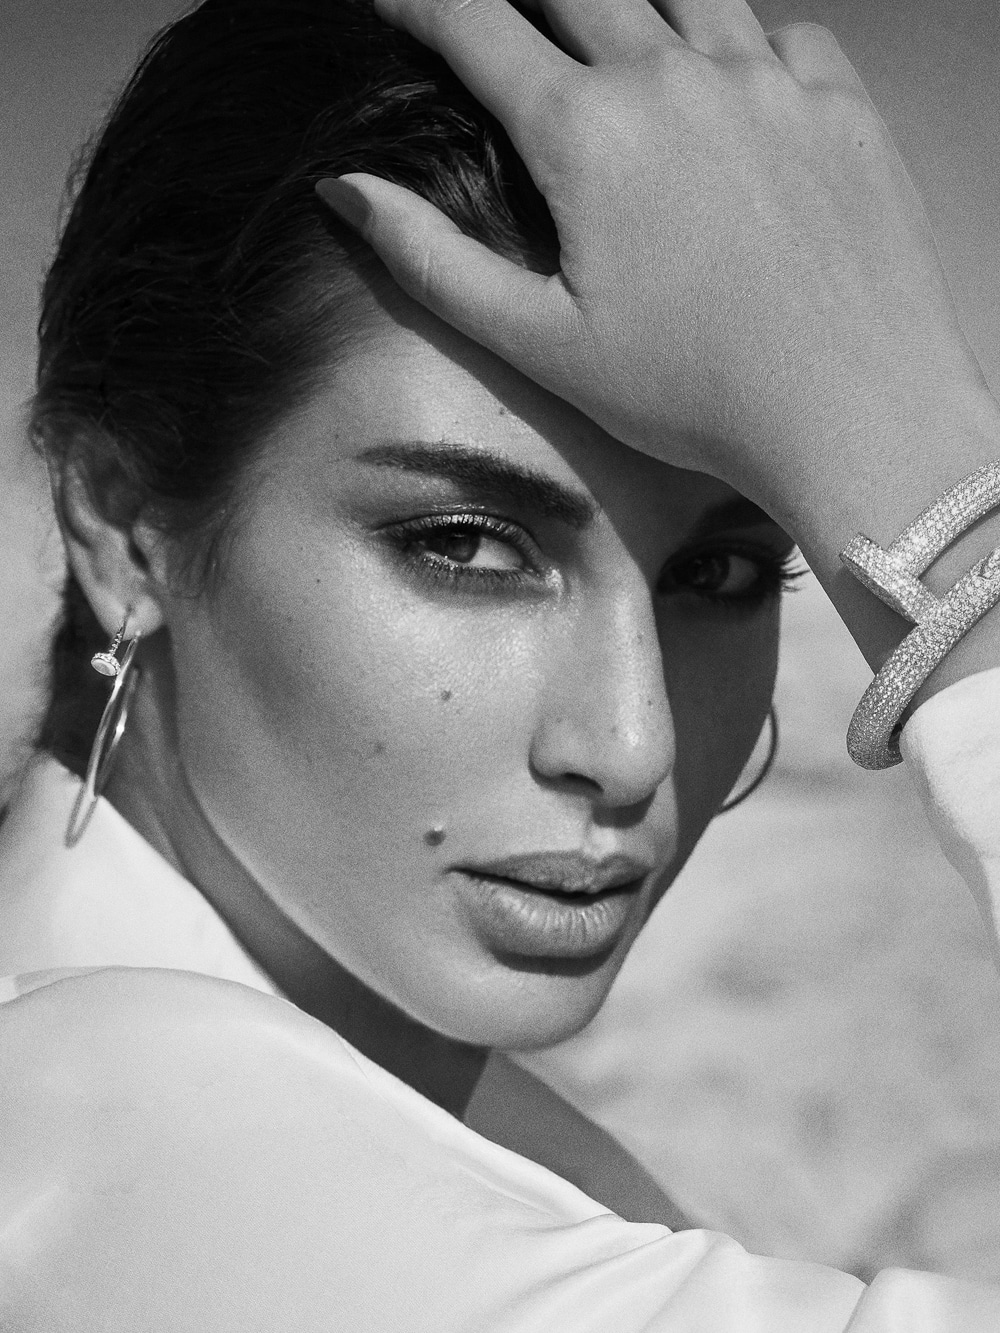 Greg-Swales-Harpers-Bazaar-Arabia-Yasmine-Sabri-8-1.jpg